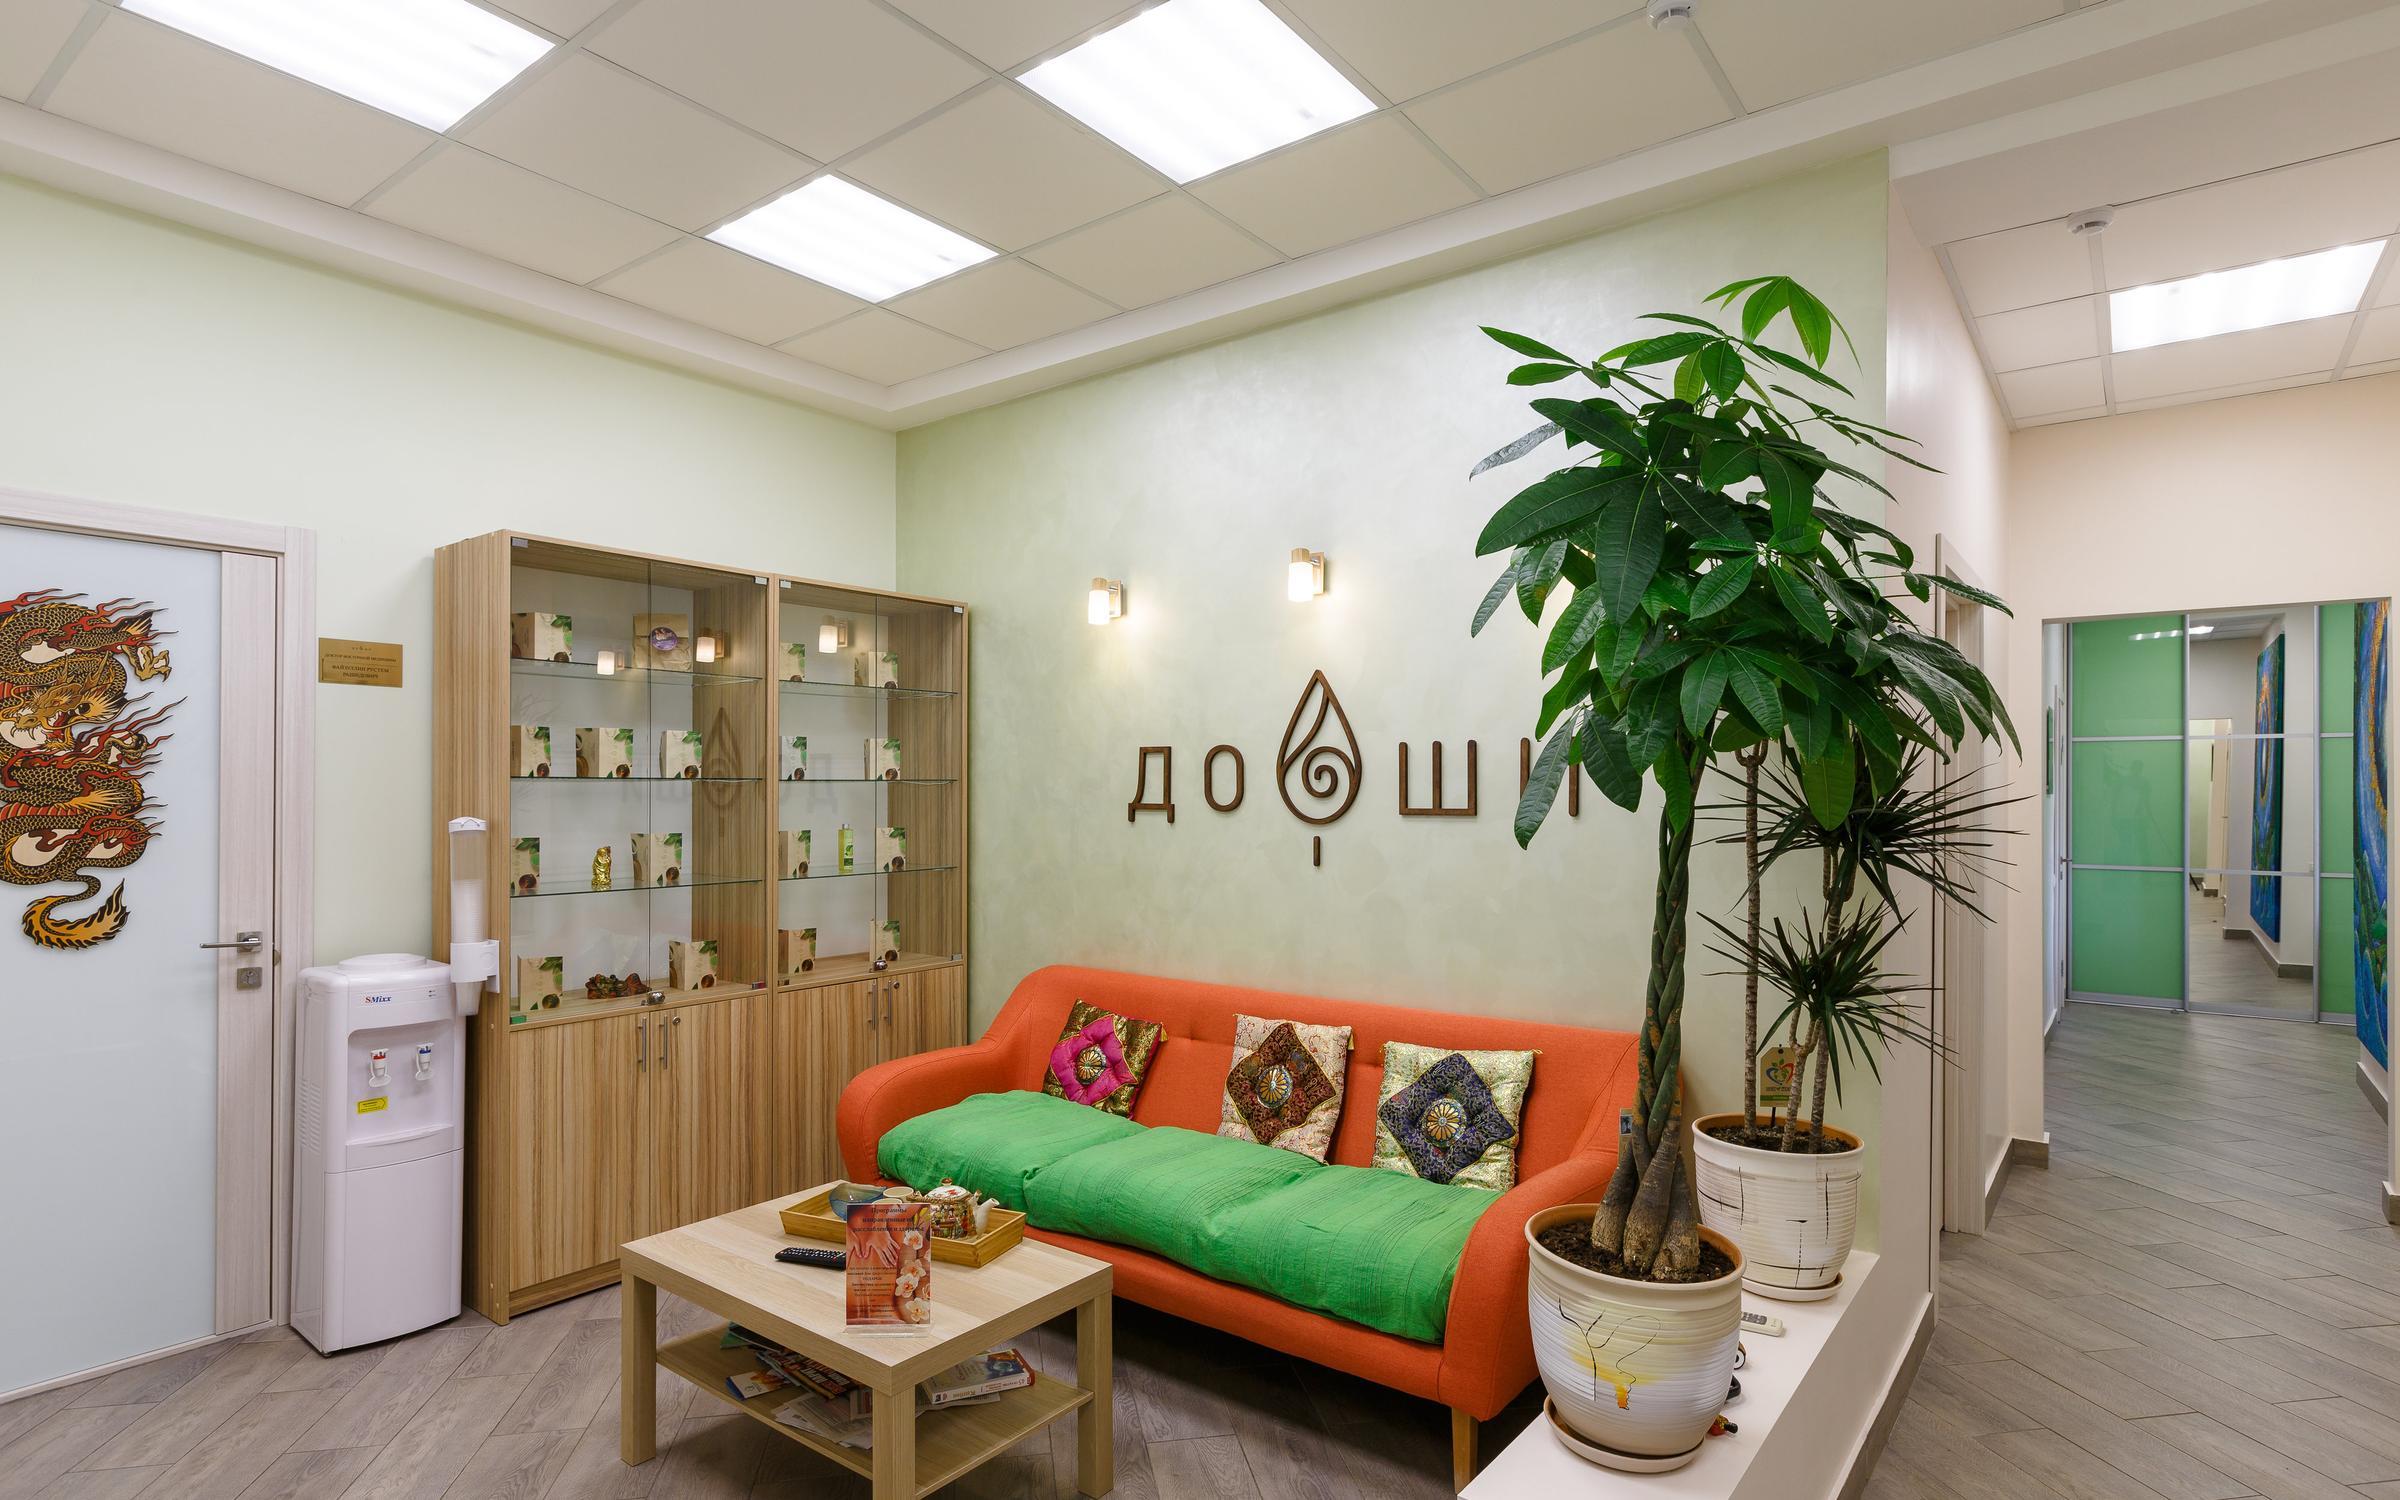 фотография Центра красоты и здоровья ДОШИ на улице Адоратского